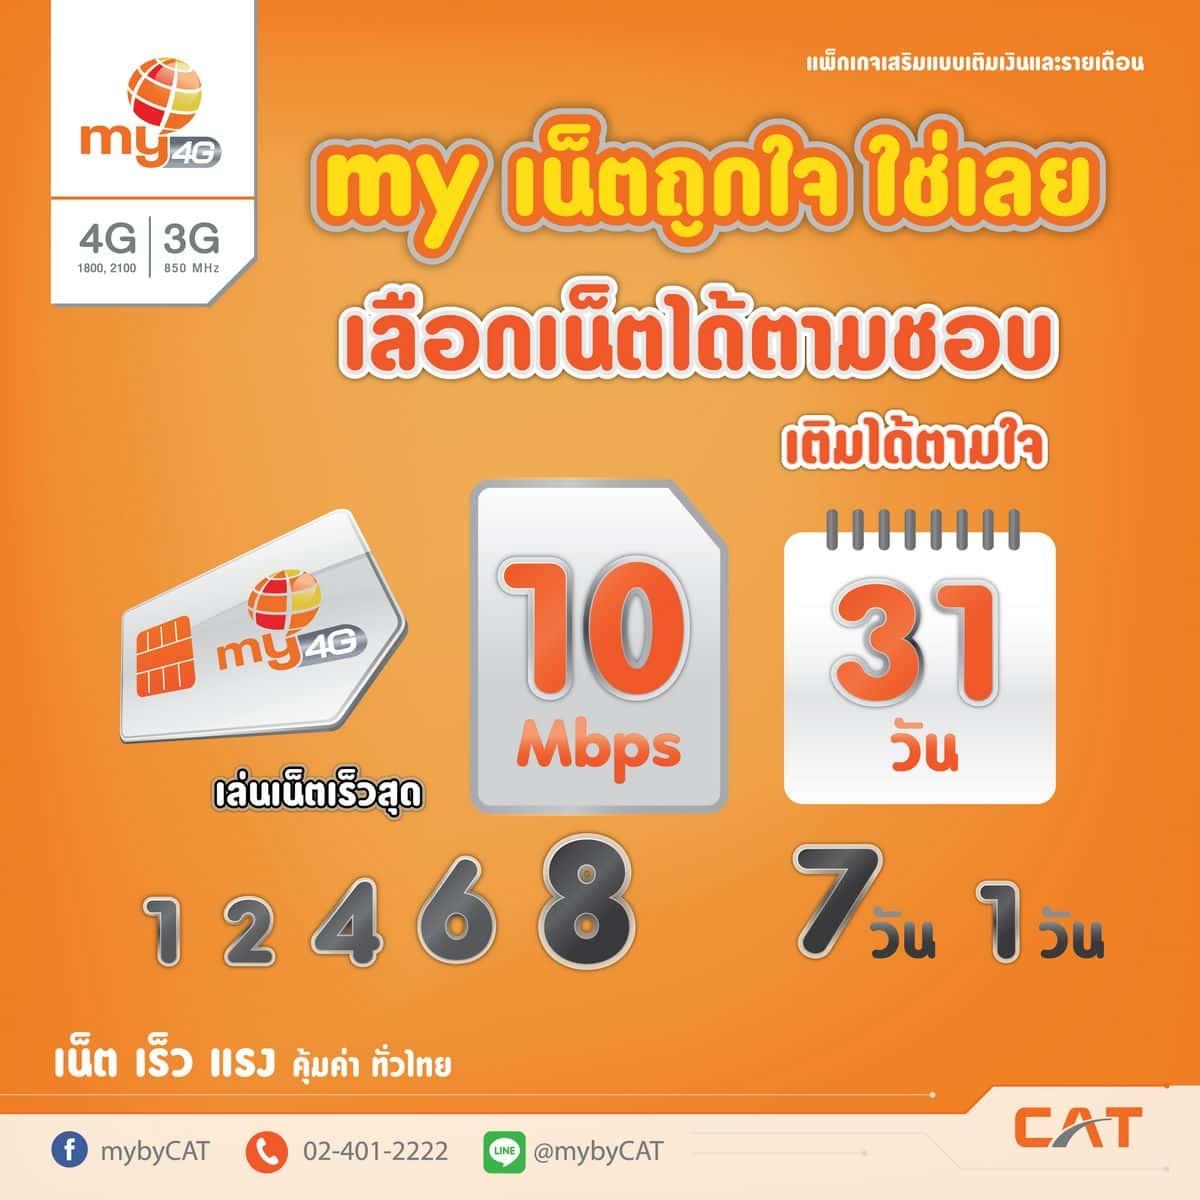 """mybyCAT 02 - my by CAT ออกแพ็กเกจใหม่ """"my เน็ตถูกใจ"""" และ """"my เน็ตใช่เลย"""" วันละ 25 บาท"""